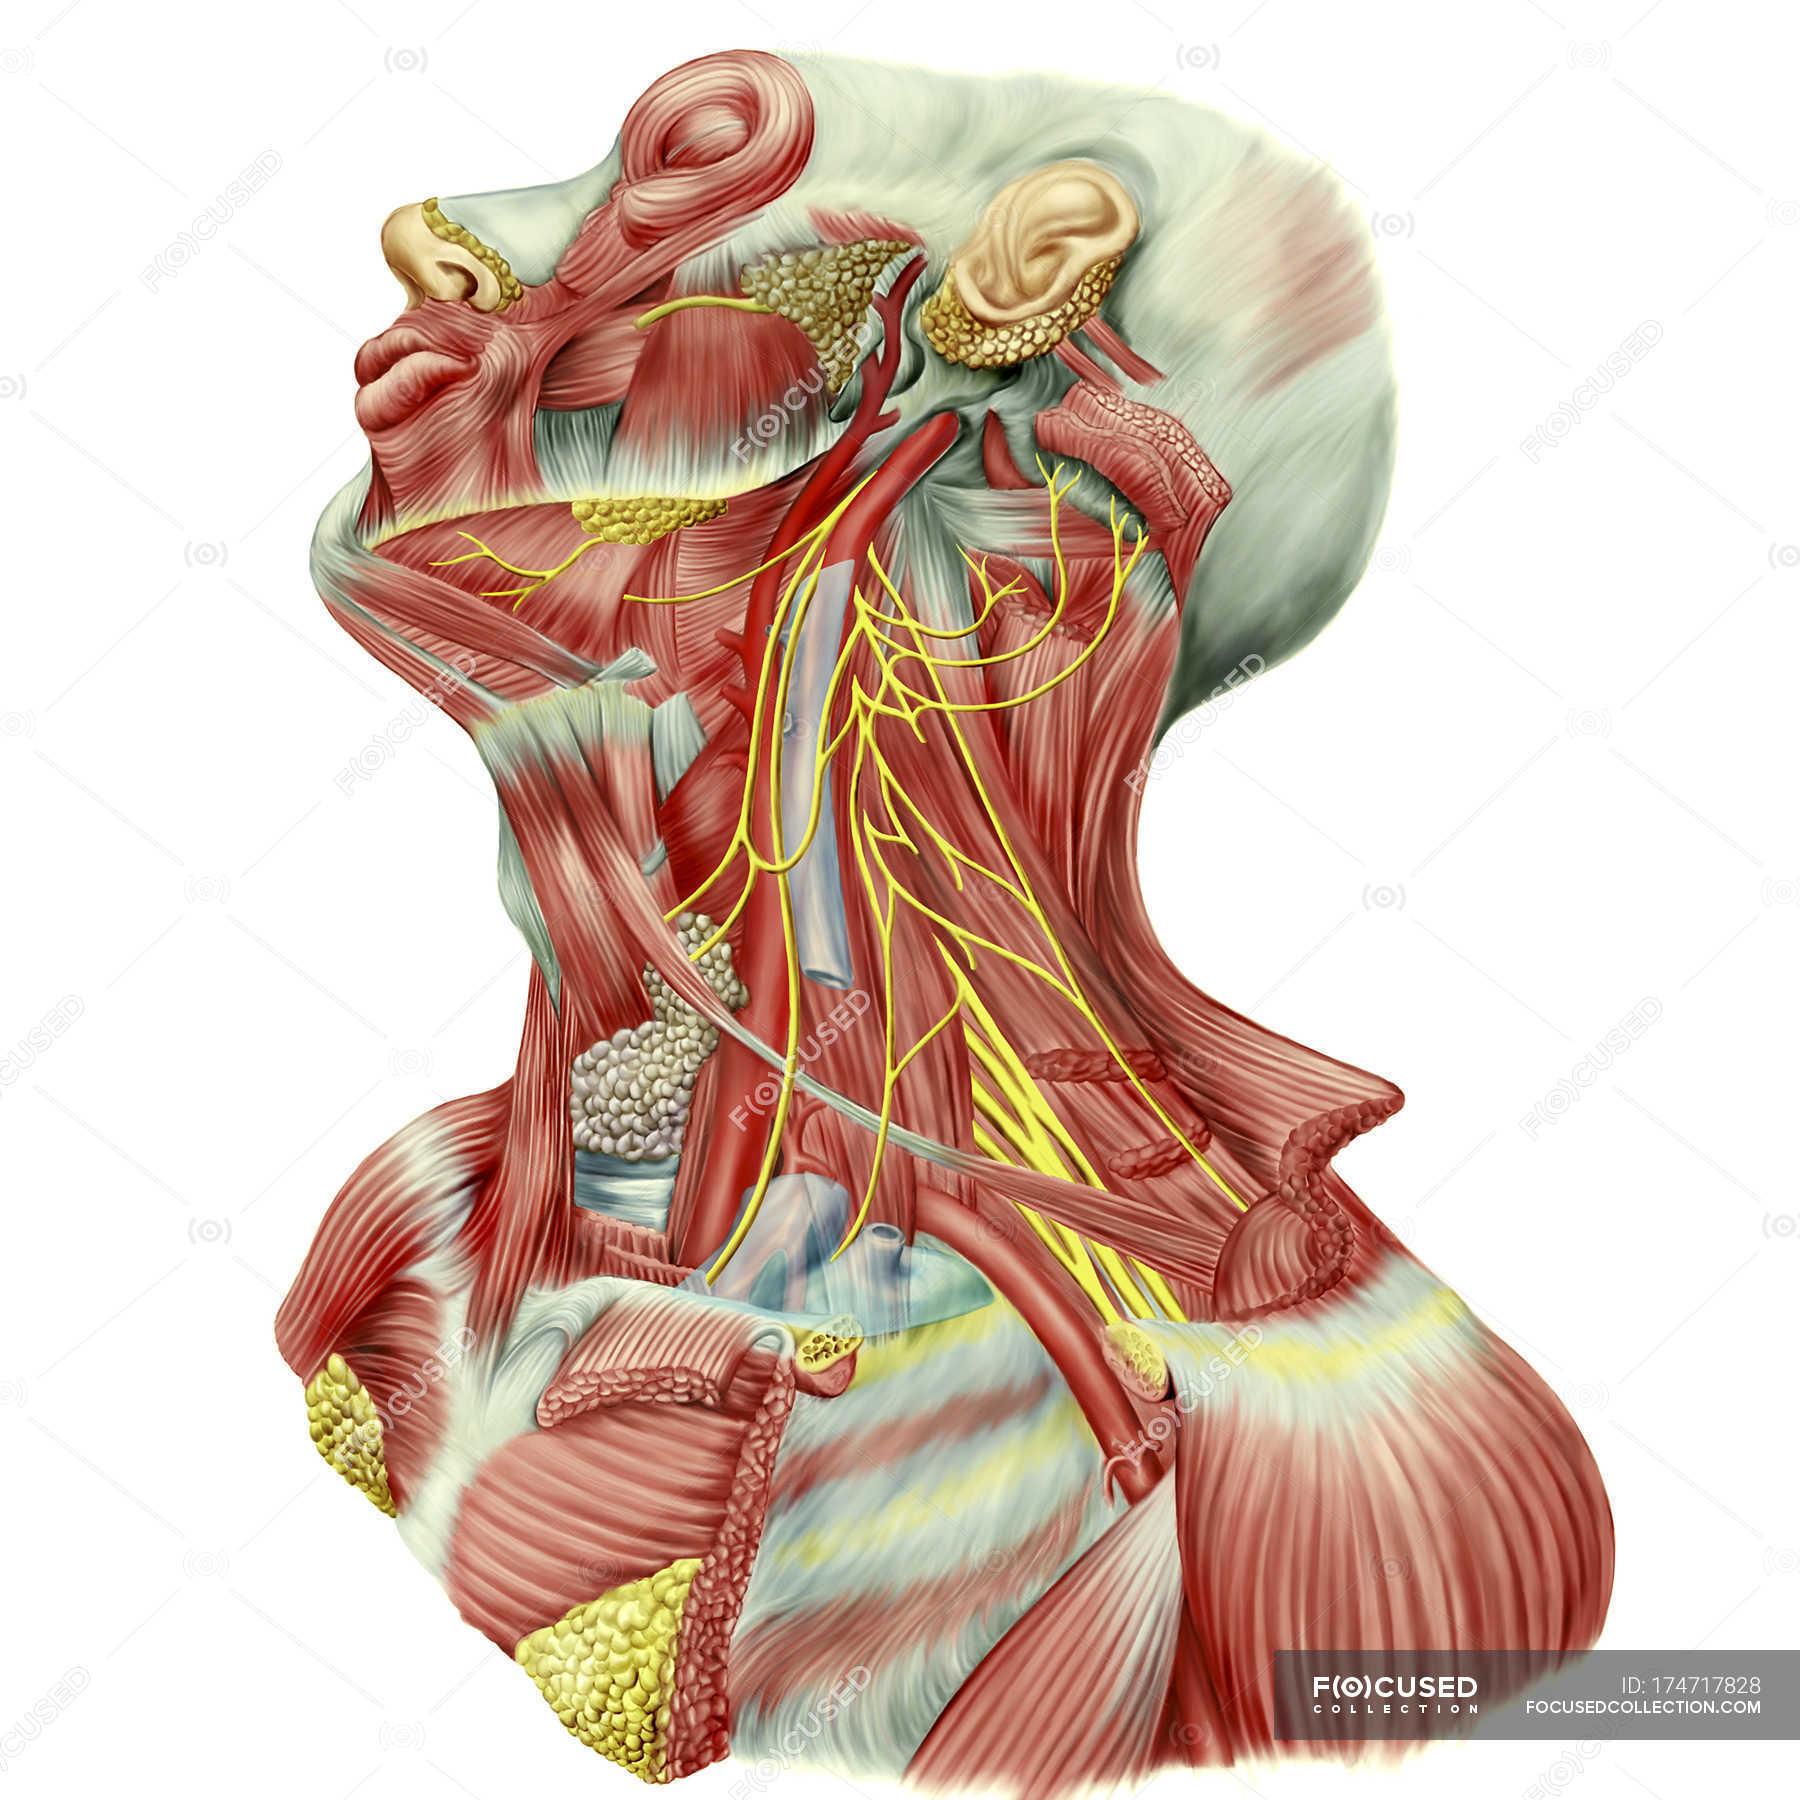 Detaillierten Sezierung Anzeigen der Hals zeigt Ansa Cervicalis ...